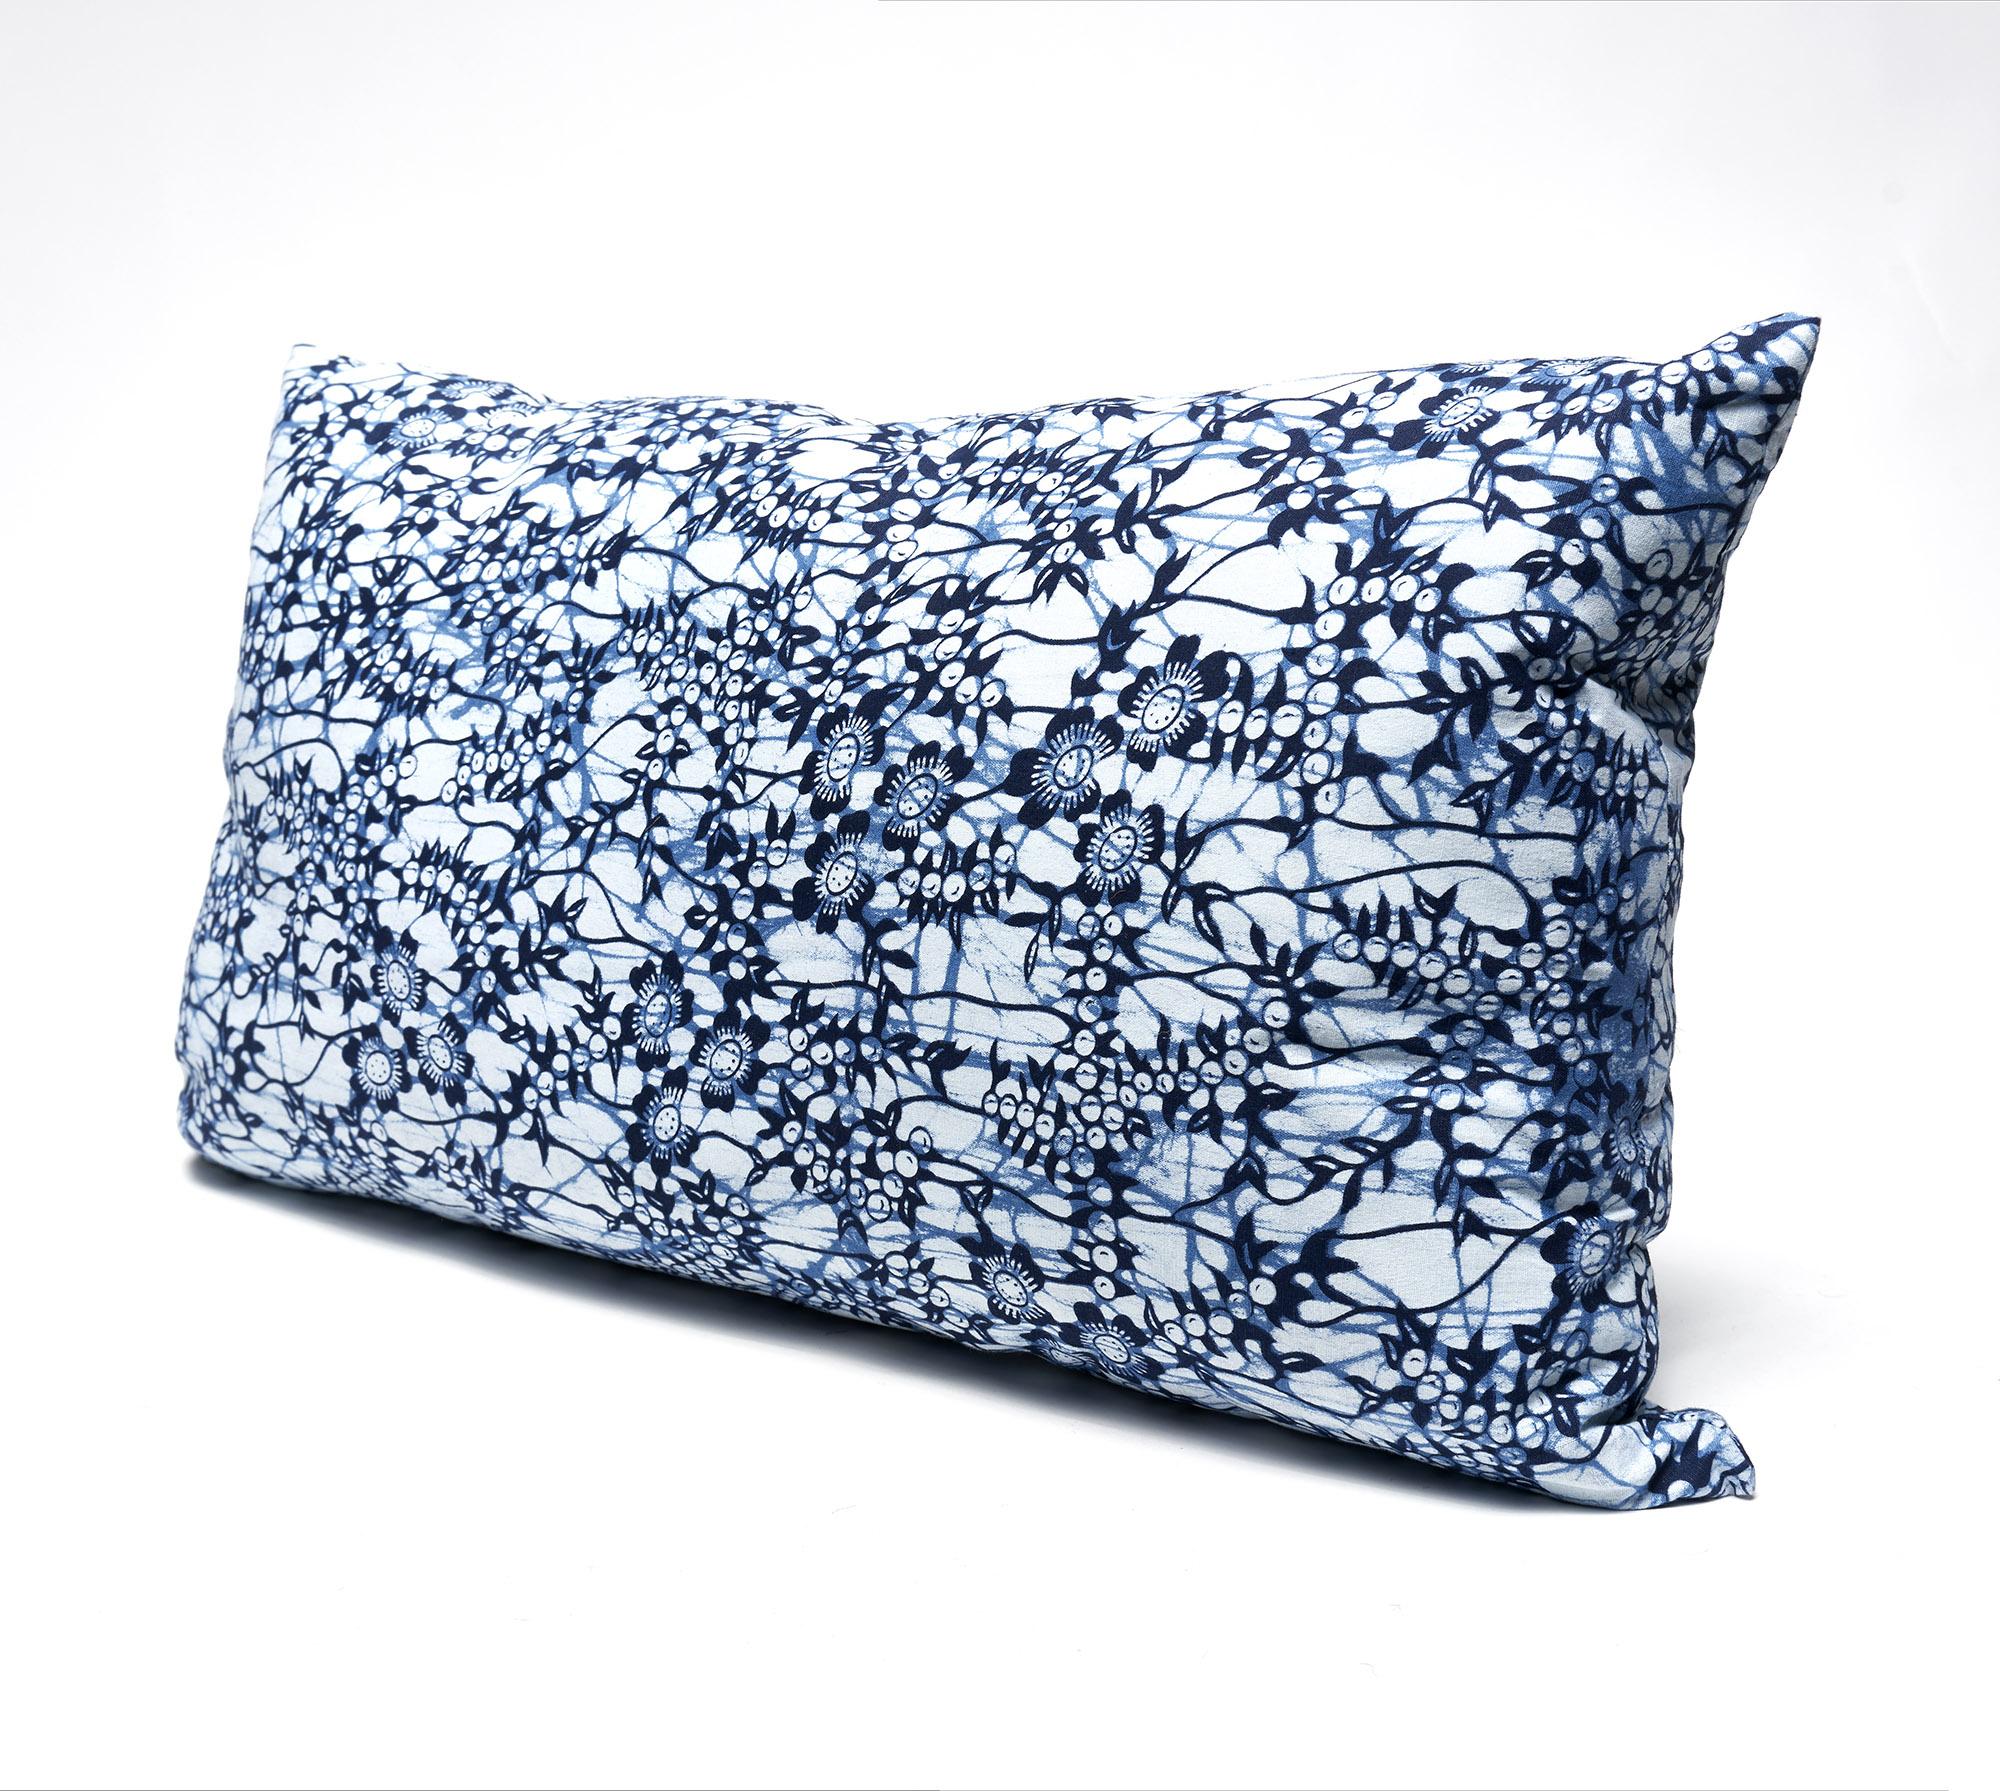 Almohadón estampado batik africano azul